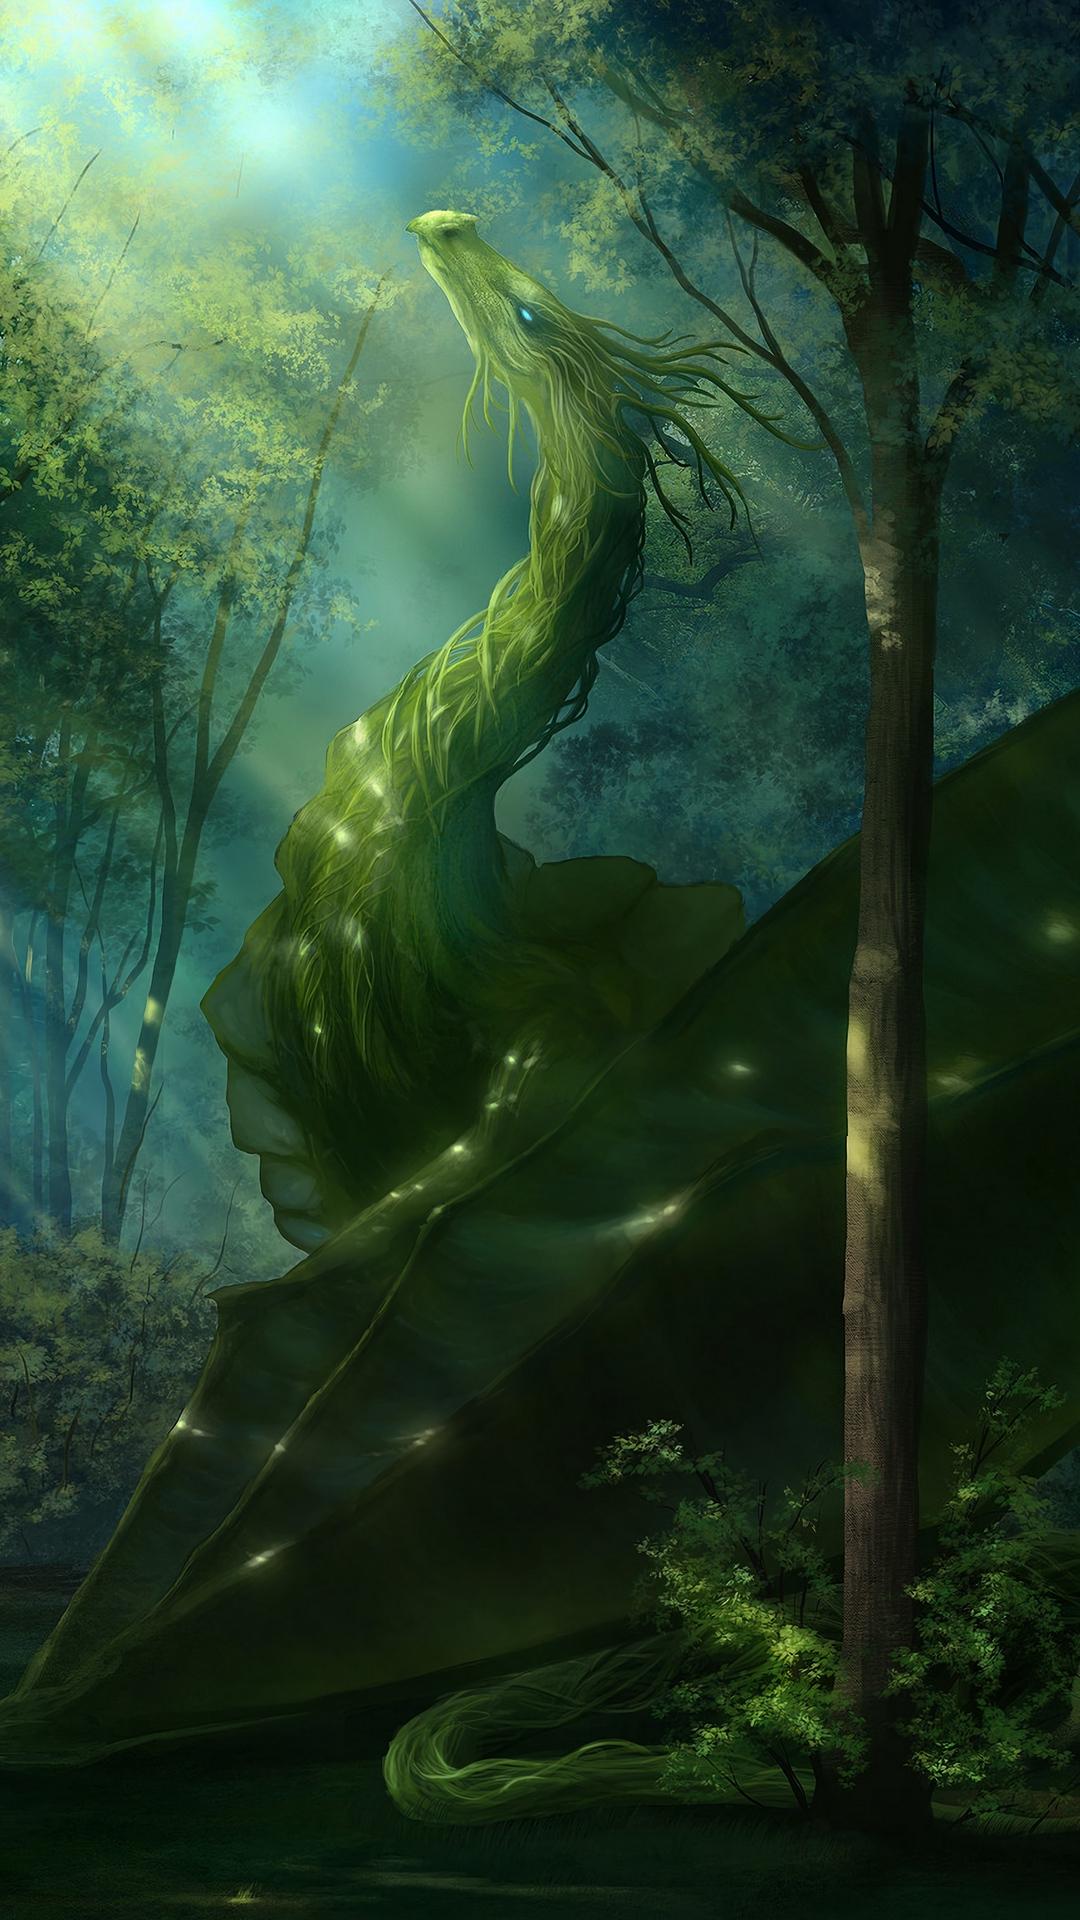 Hình nền rồng đẹp